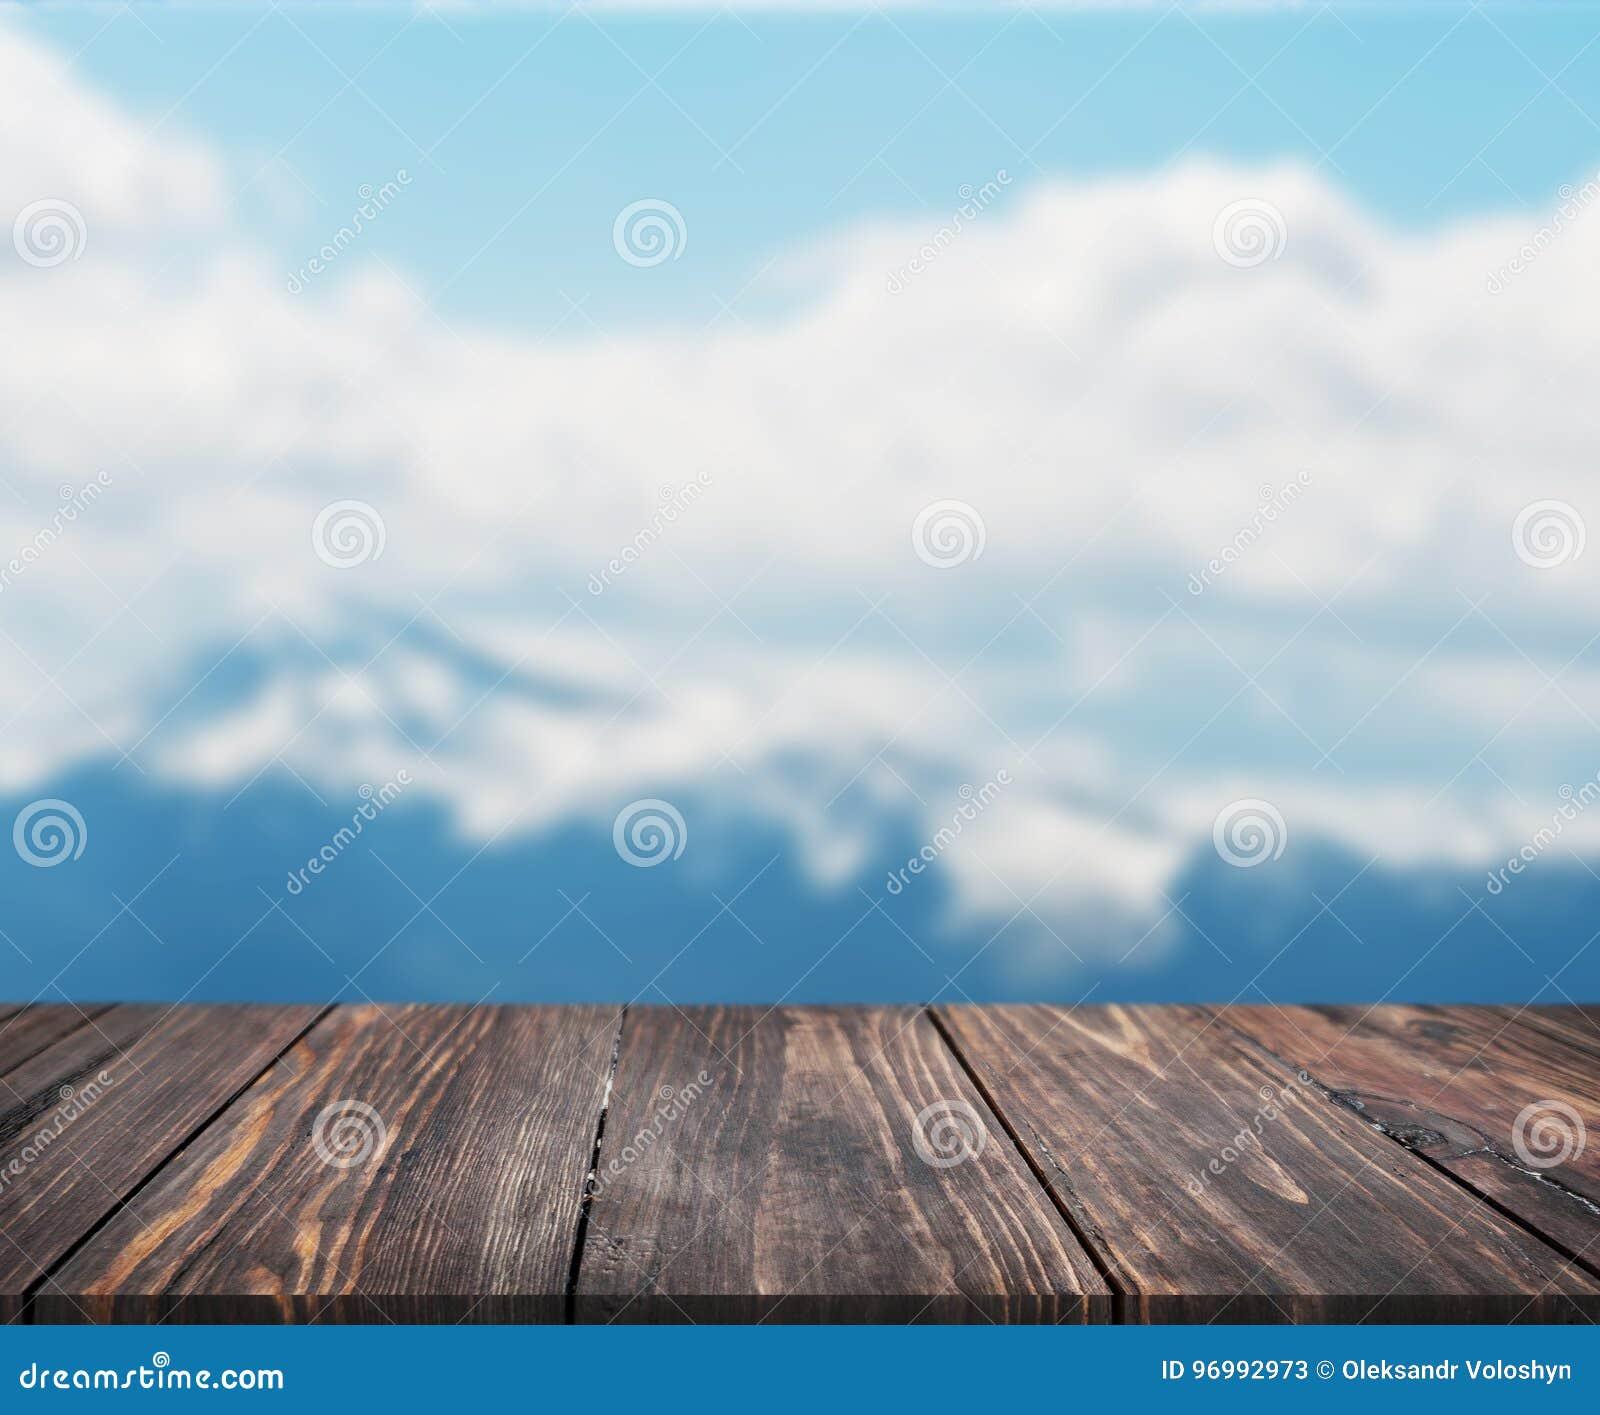 Beeld van houten lijst voor samenvatting vage achtergrond van berg kan voor vertoning of montering uw producten worden gebruikt s